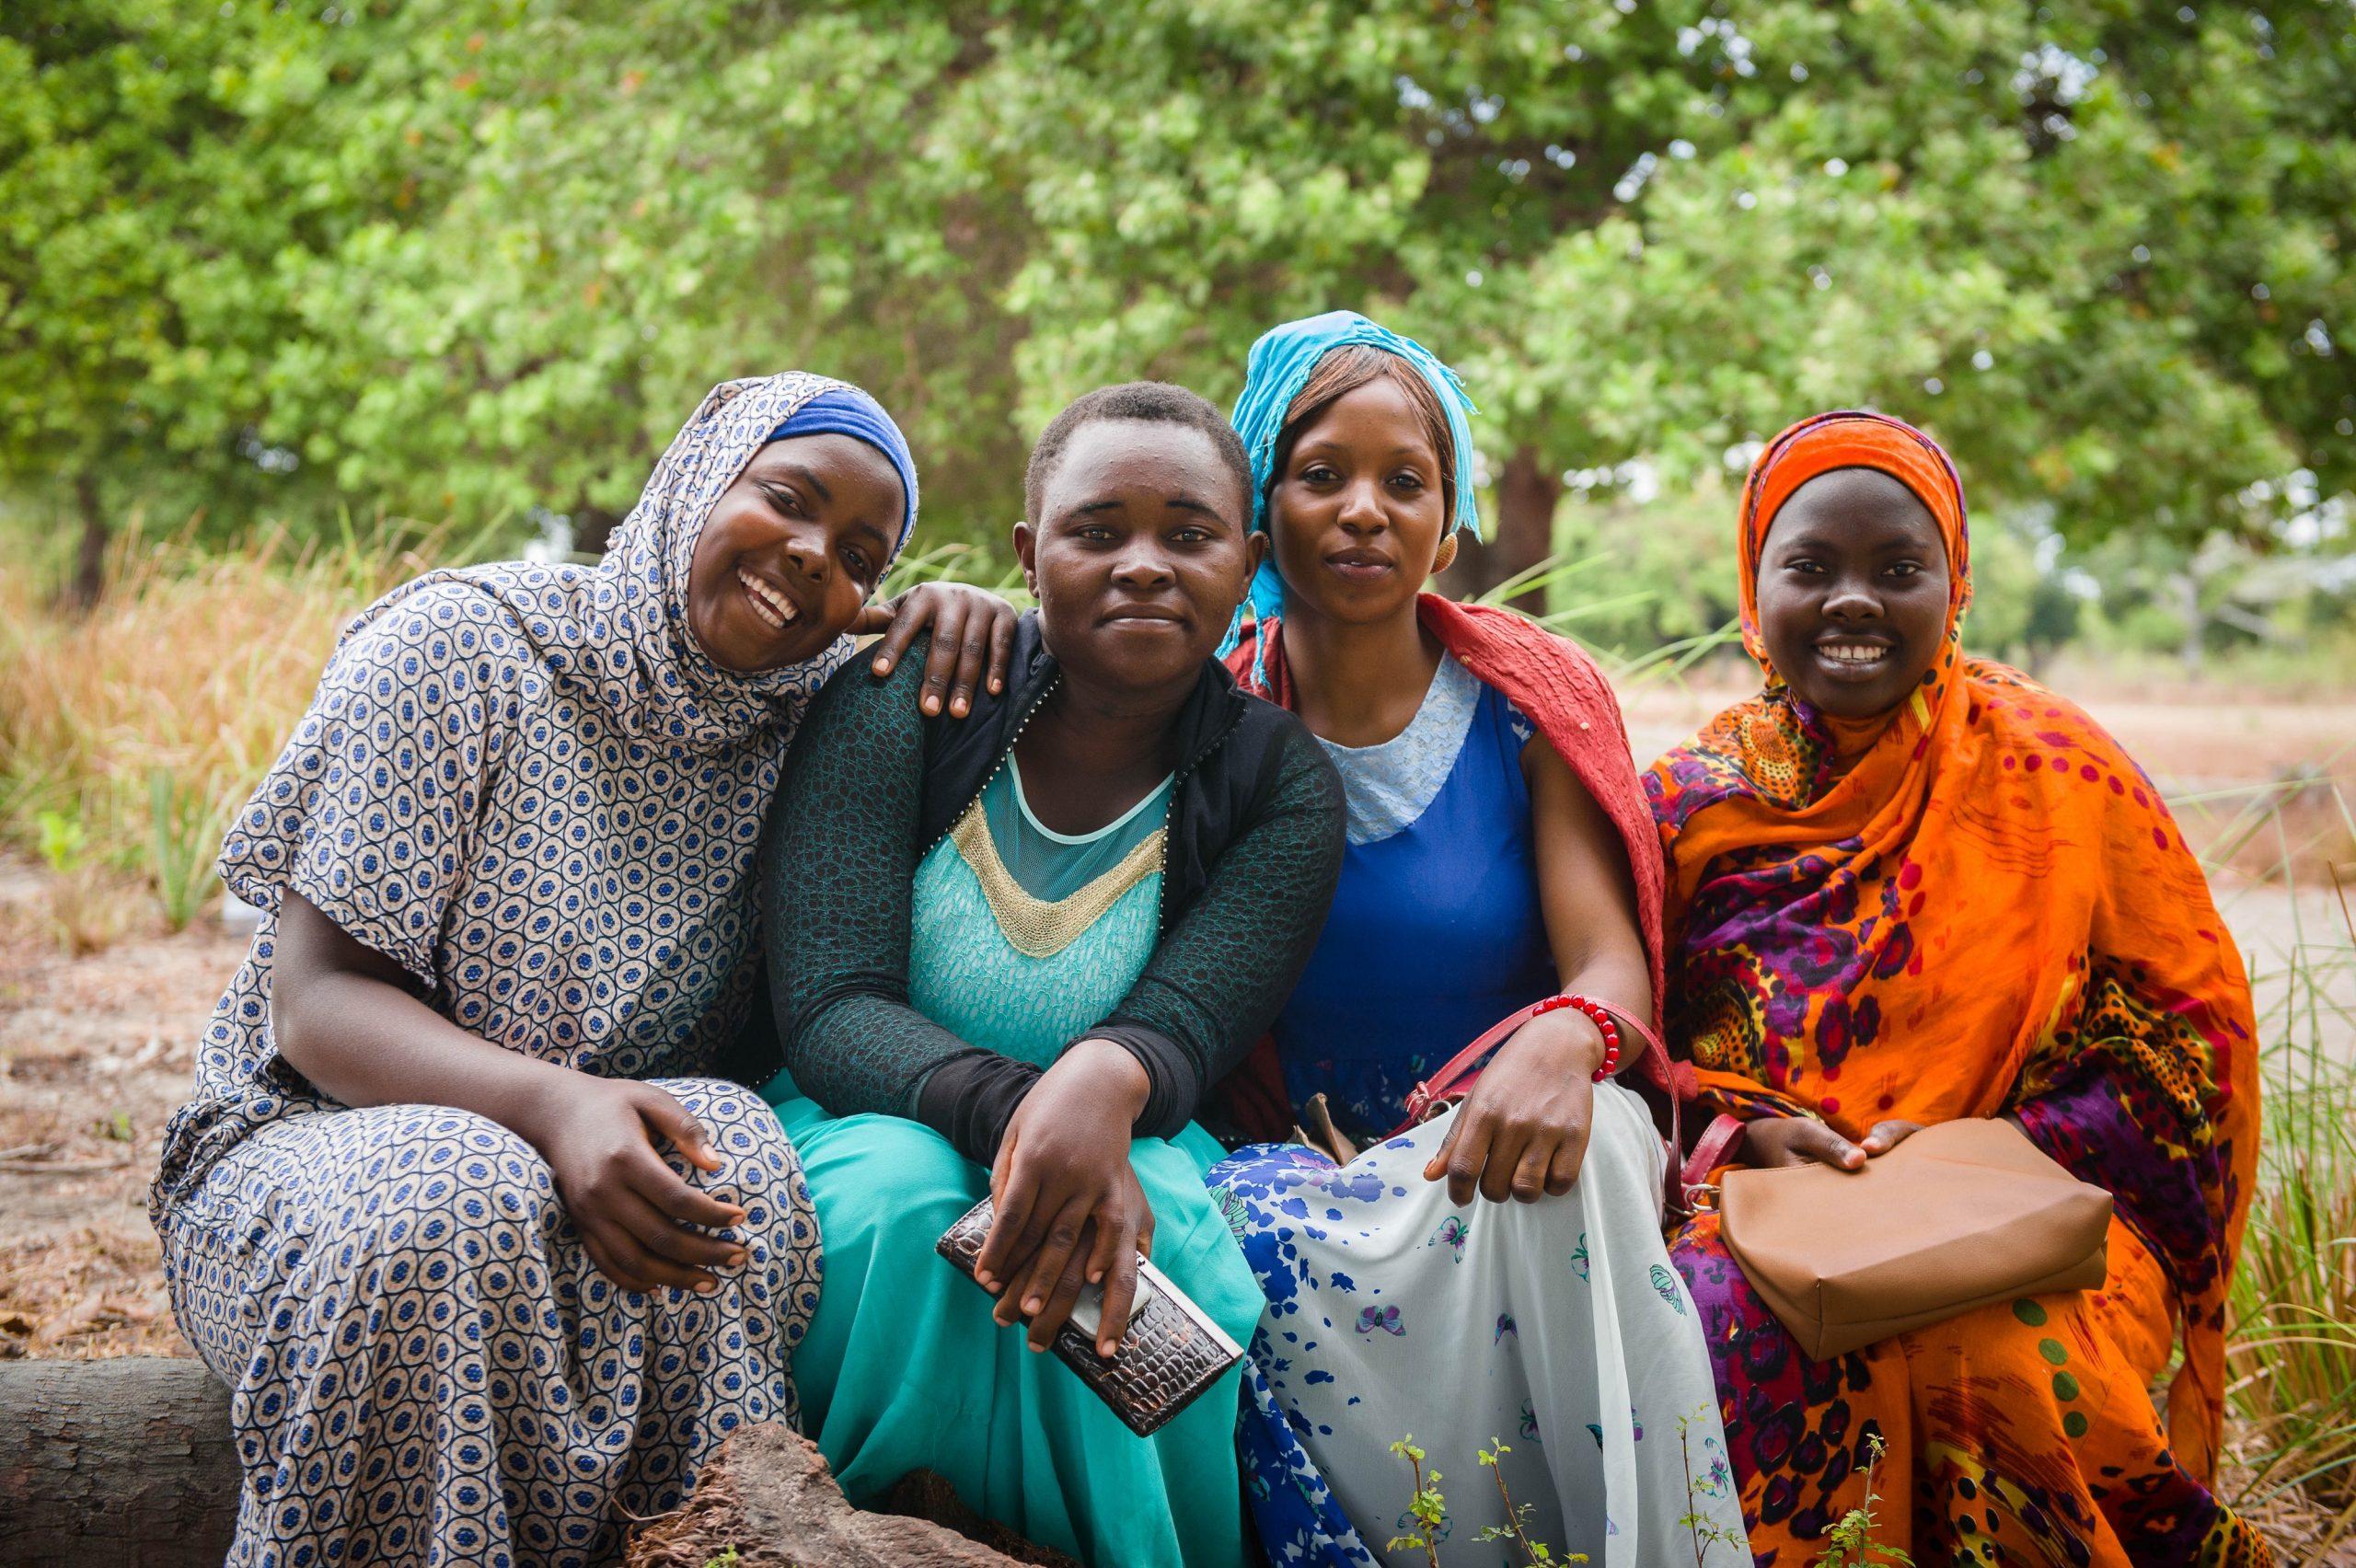 Il Nostro 8 Marzo, Scarpette Rosse Anche Per Le Donne Africane